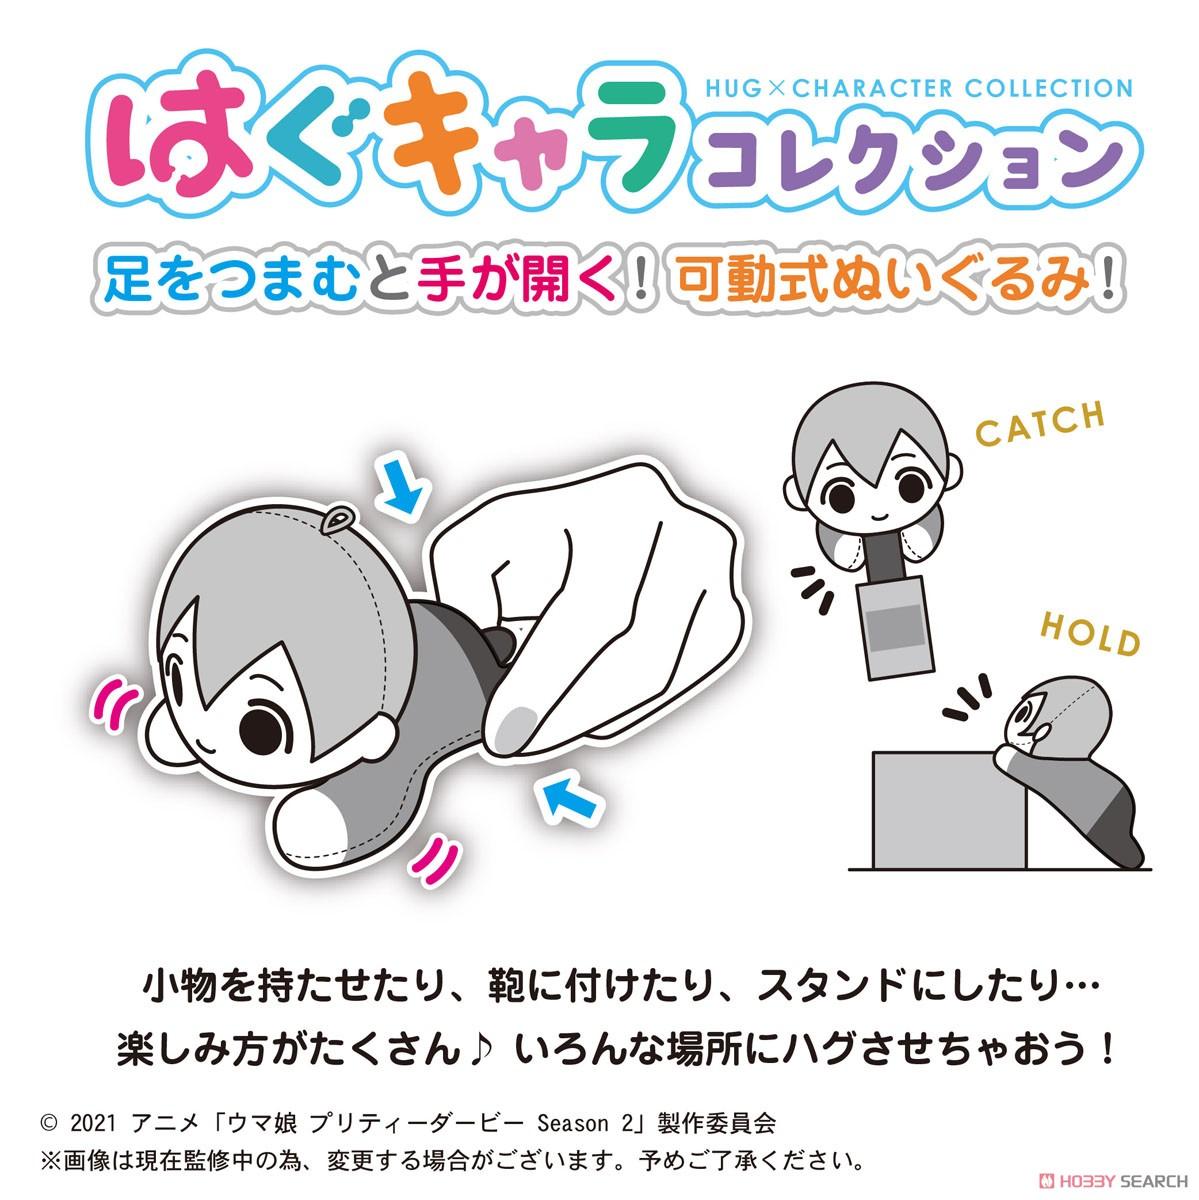 ウマ娘『TVアニメ ウマ娘 プリティーダービー Season2 はぐキャラコレクション』8個入りBOX-011